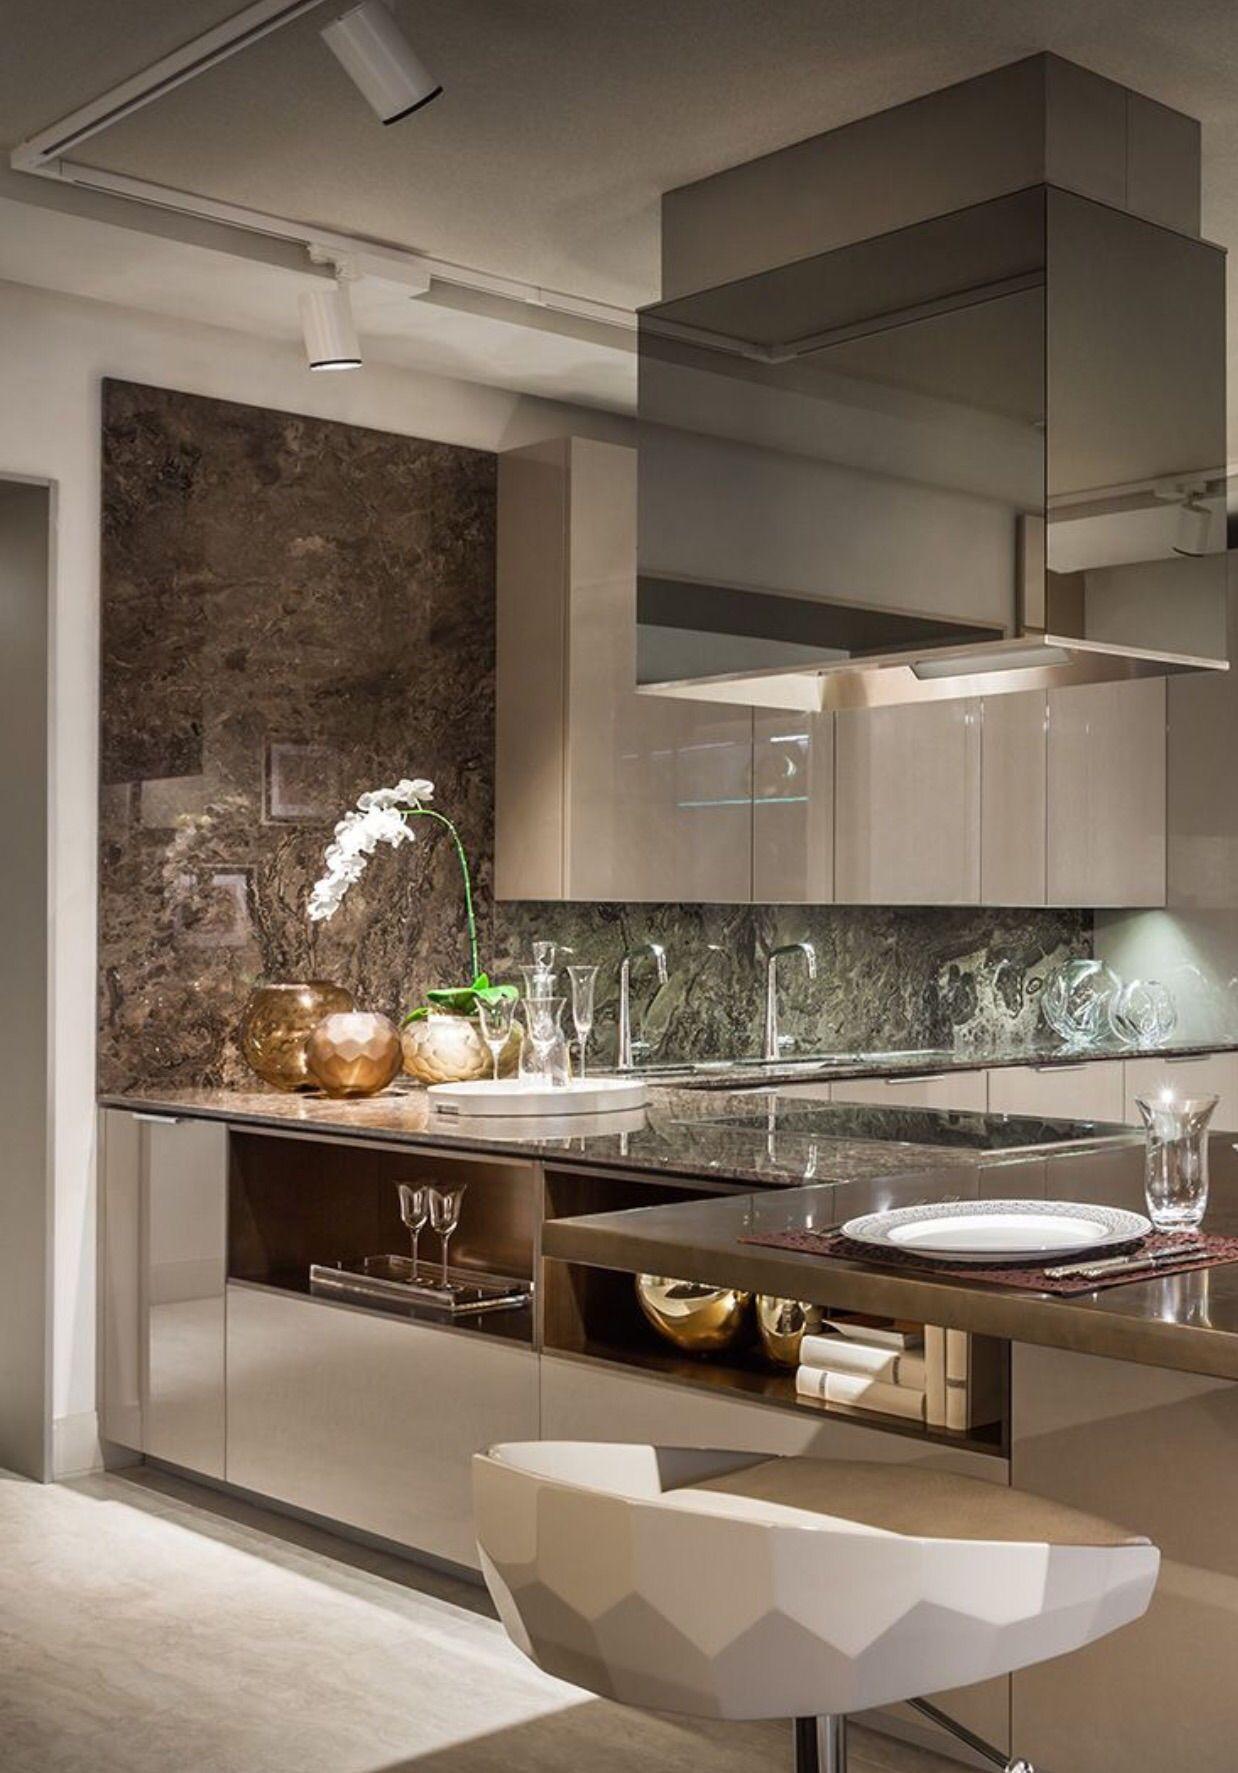 Interior Design For Kitchen: Built-in Shelves-backside Of Cabinets